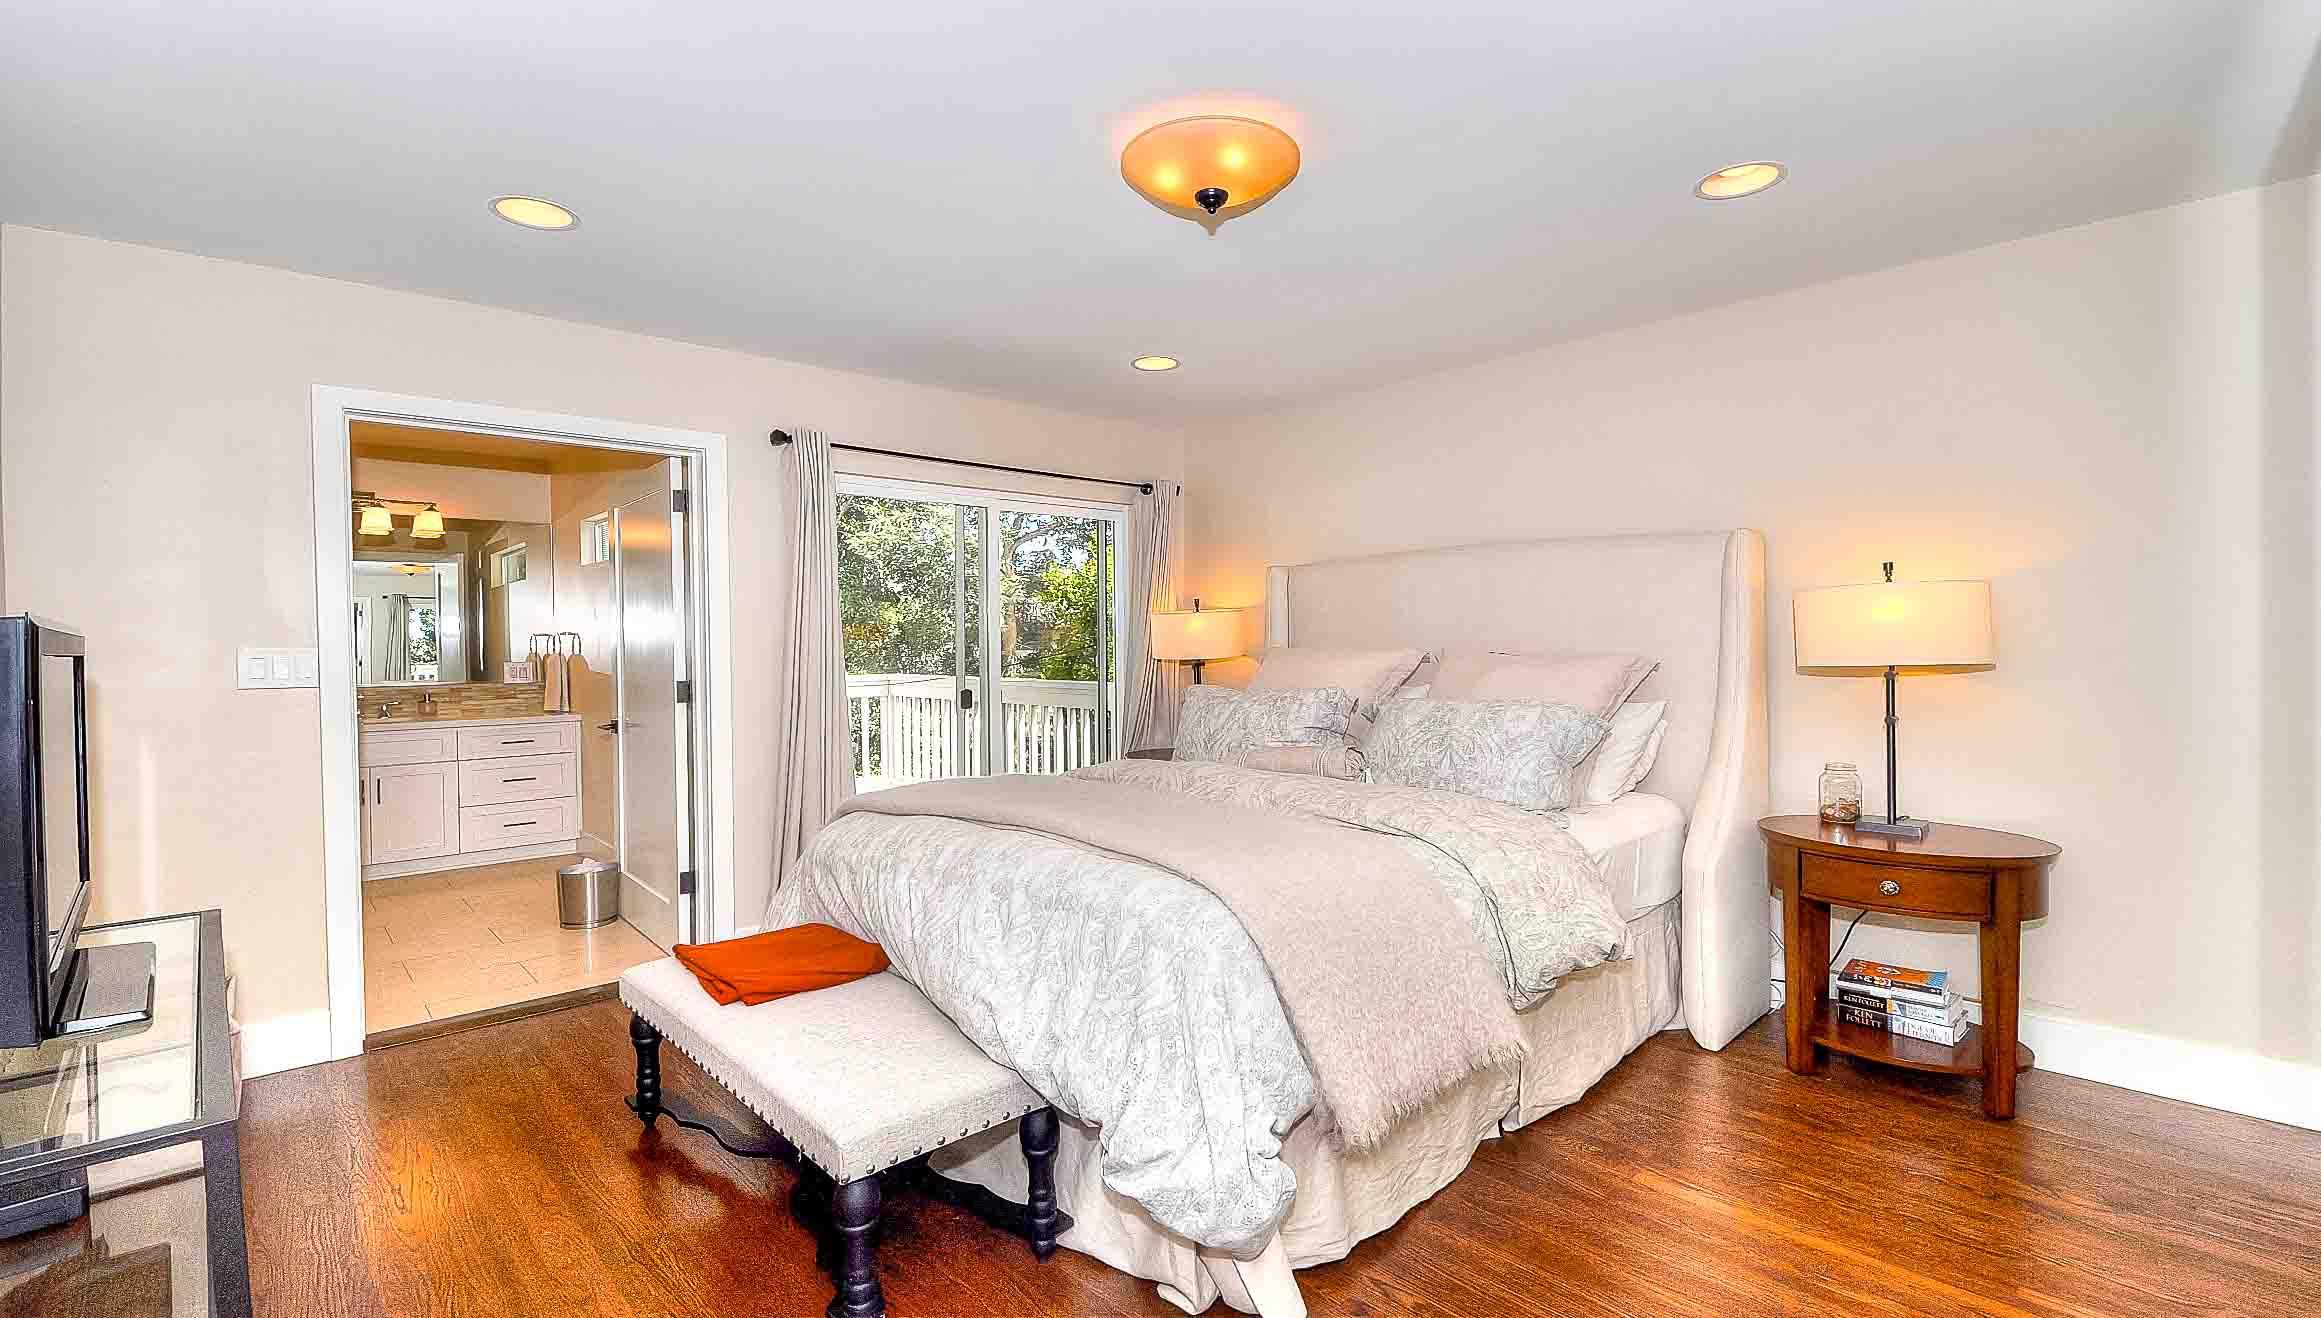 105 Via Los Altos - bedroom #3 Master bedroom